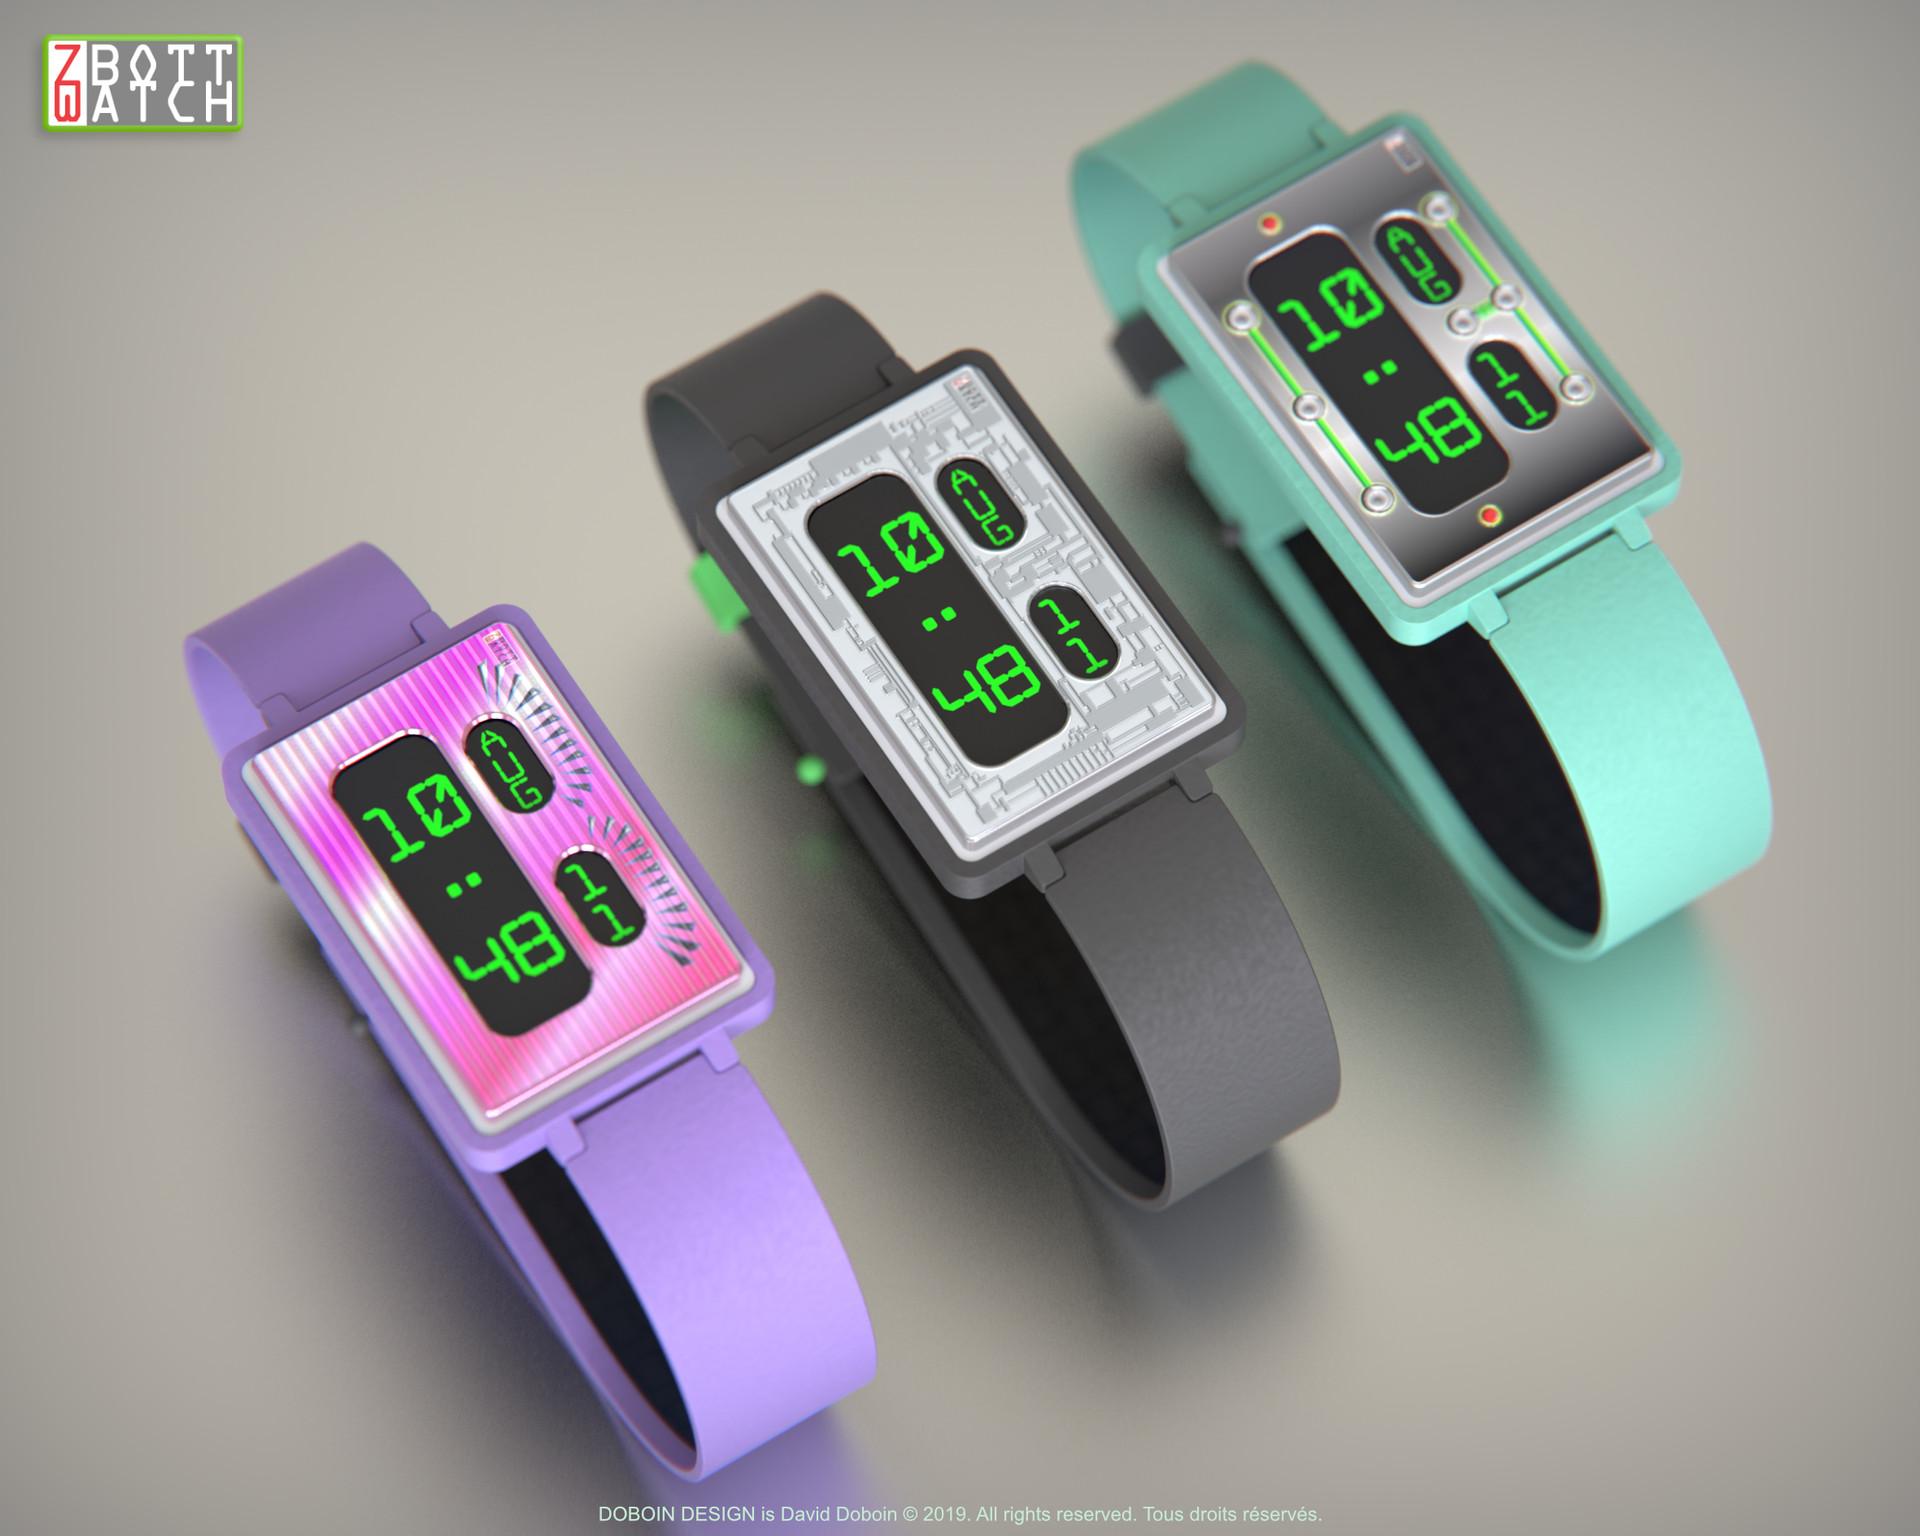 Zbott Watch